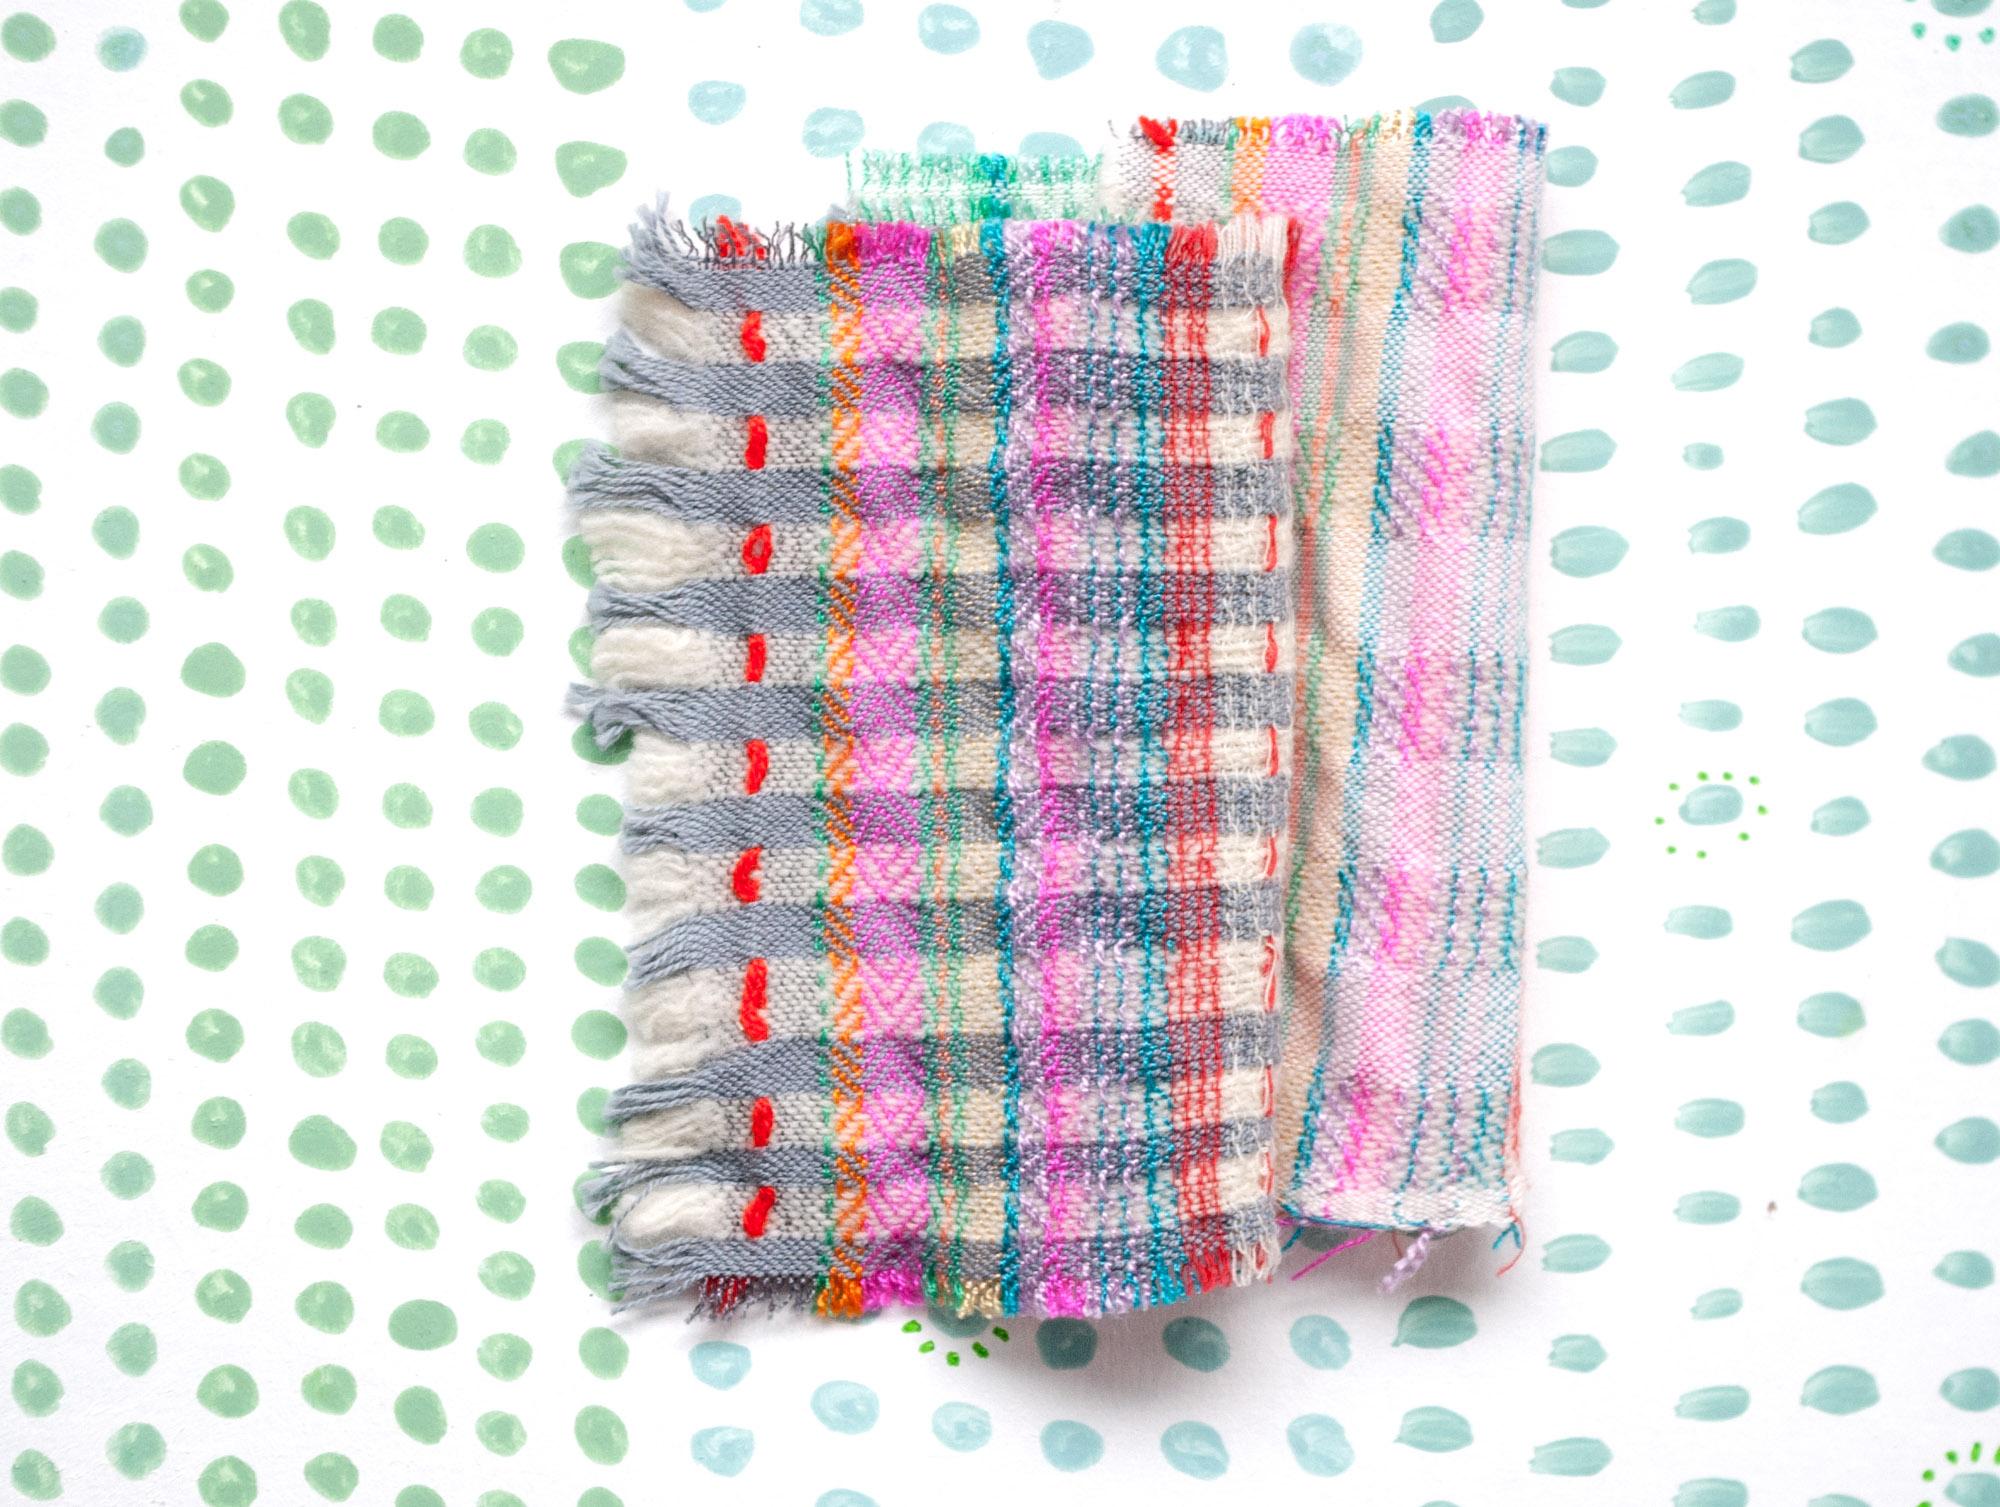 weave_13.jpg